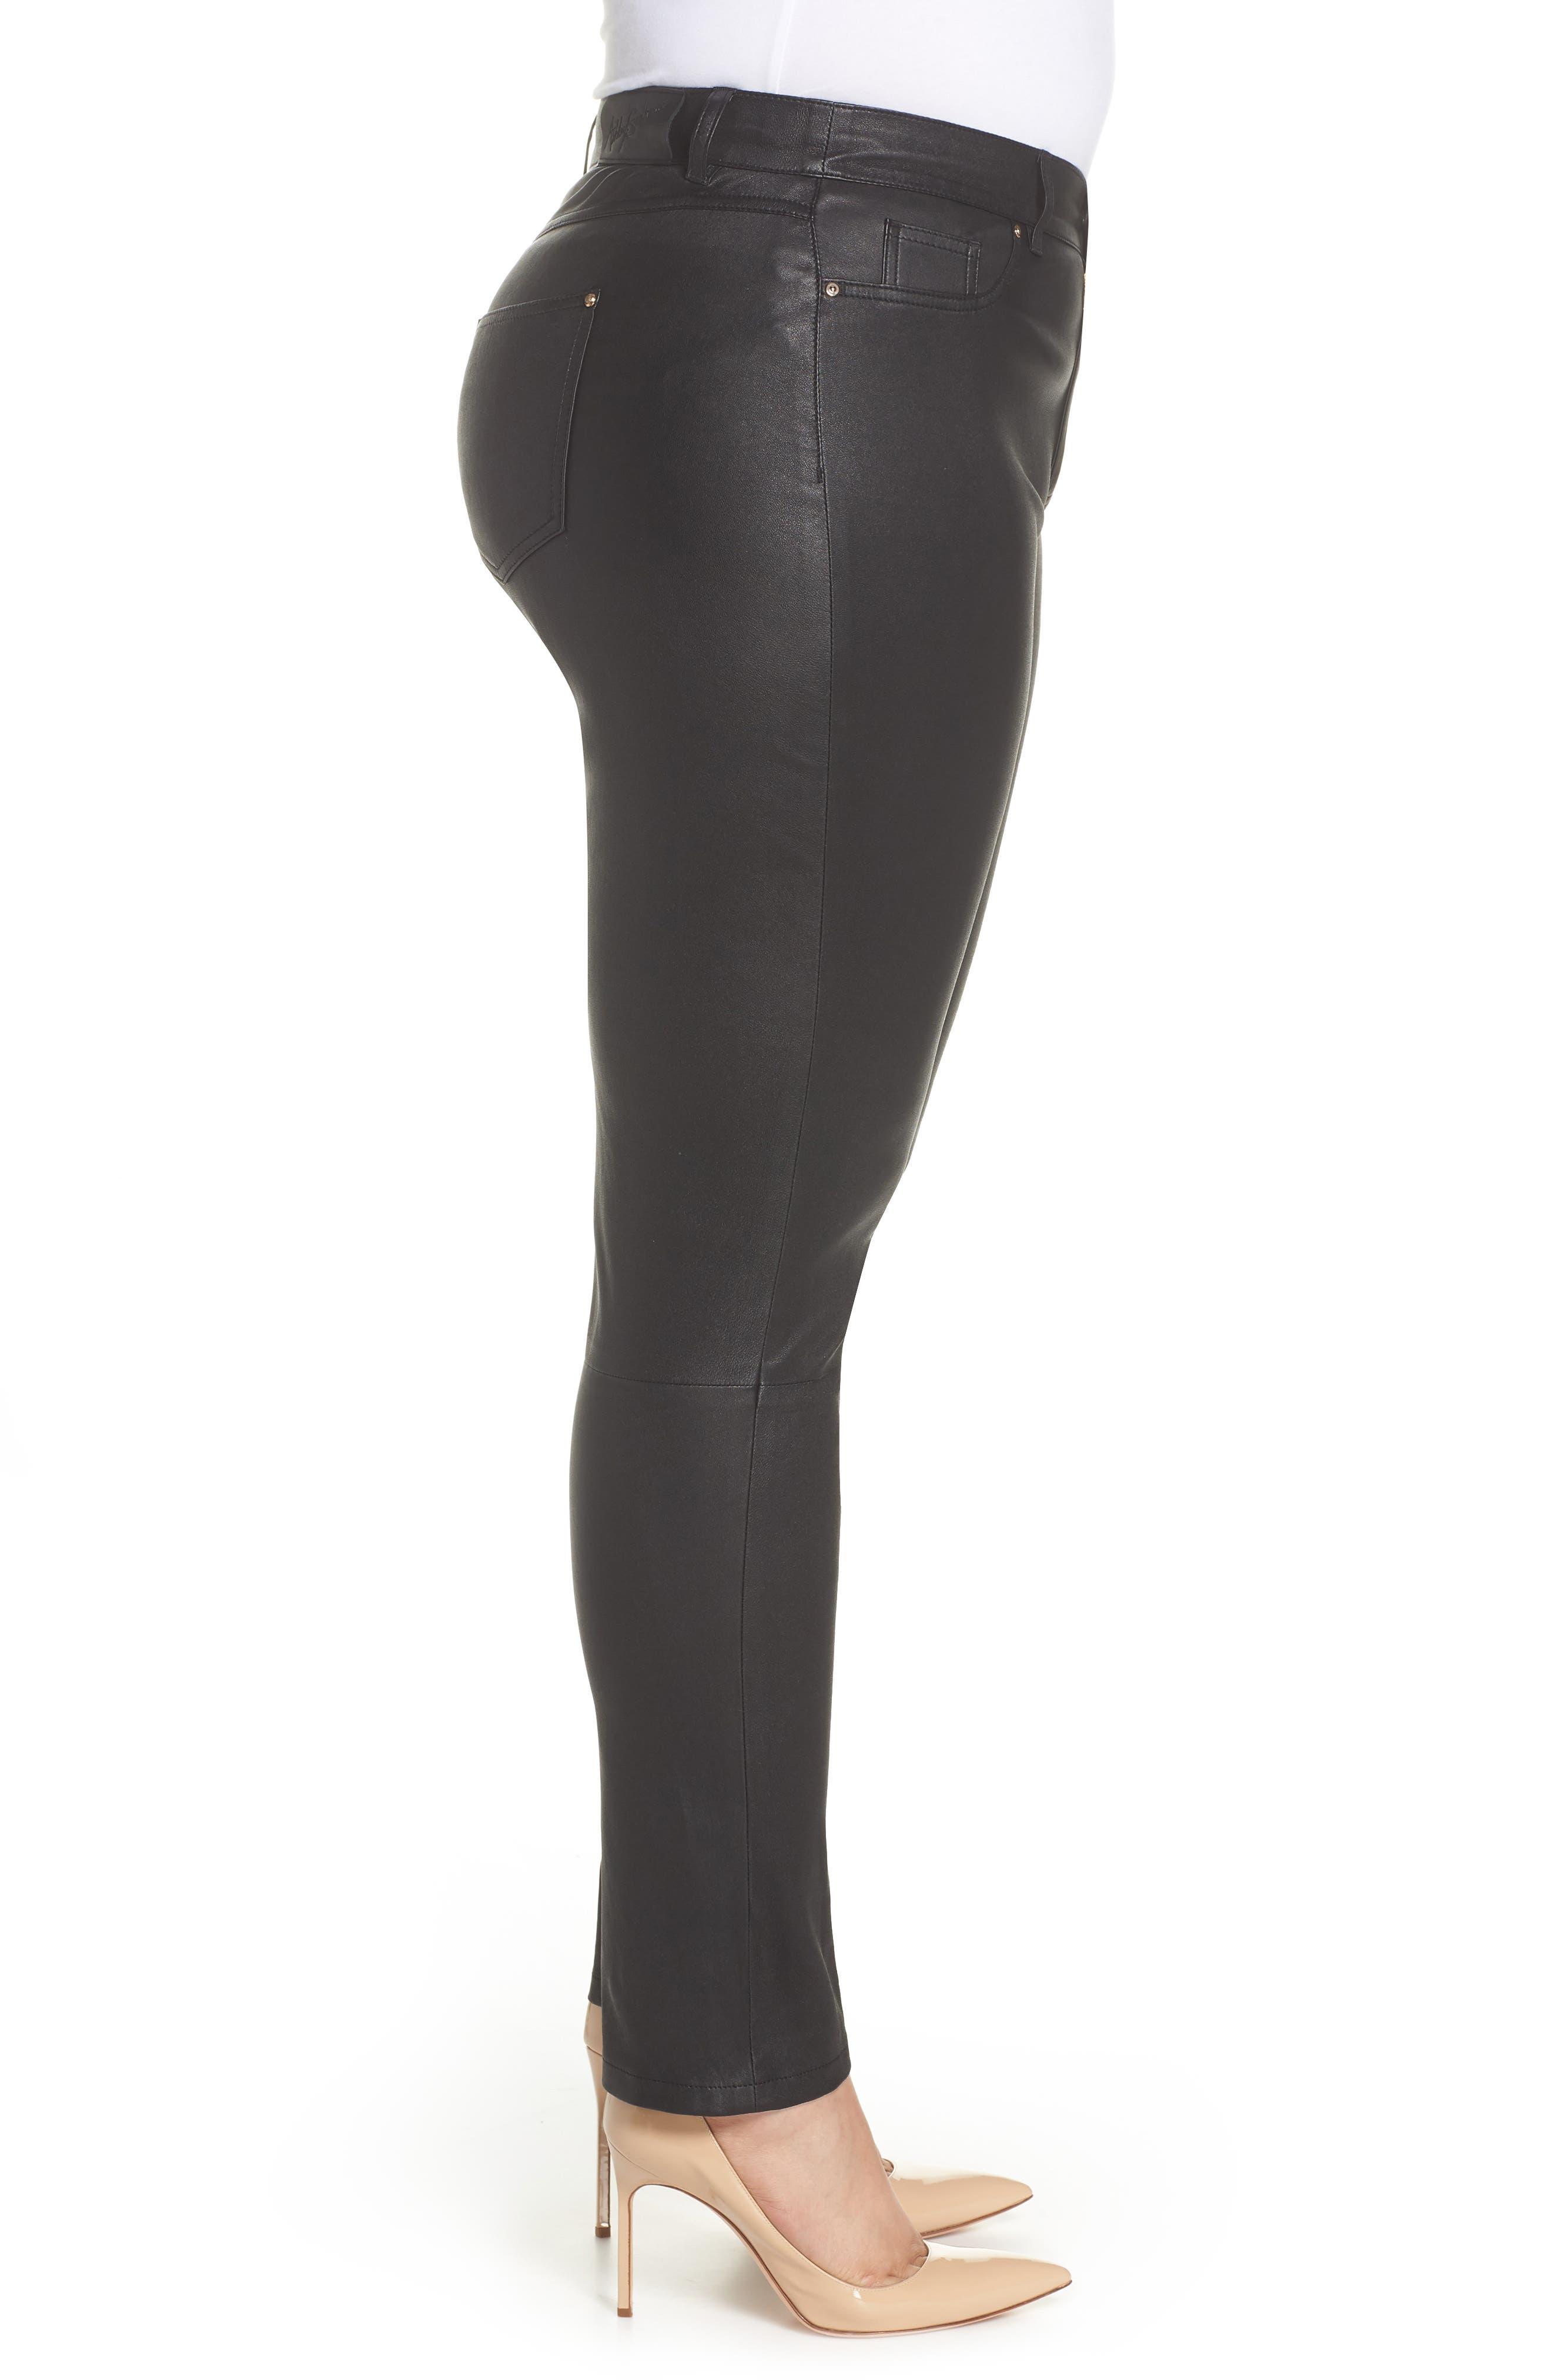 Eboli Leather Pants,                             Alternate thumbnail 3, color,                             Black